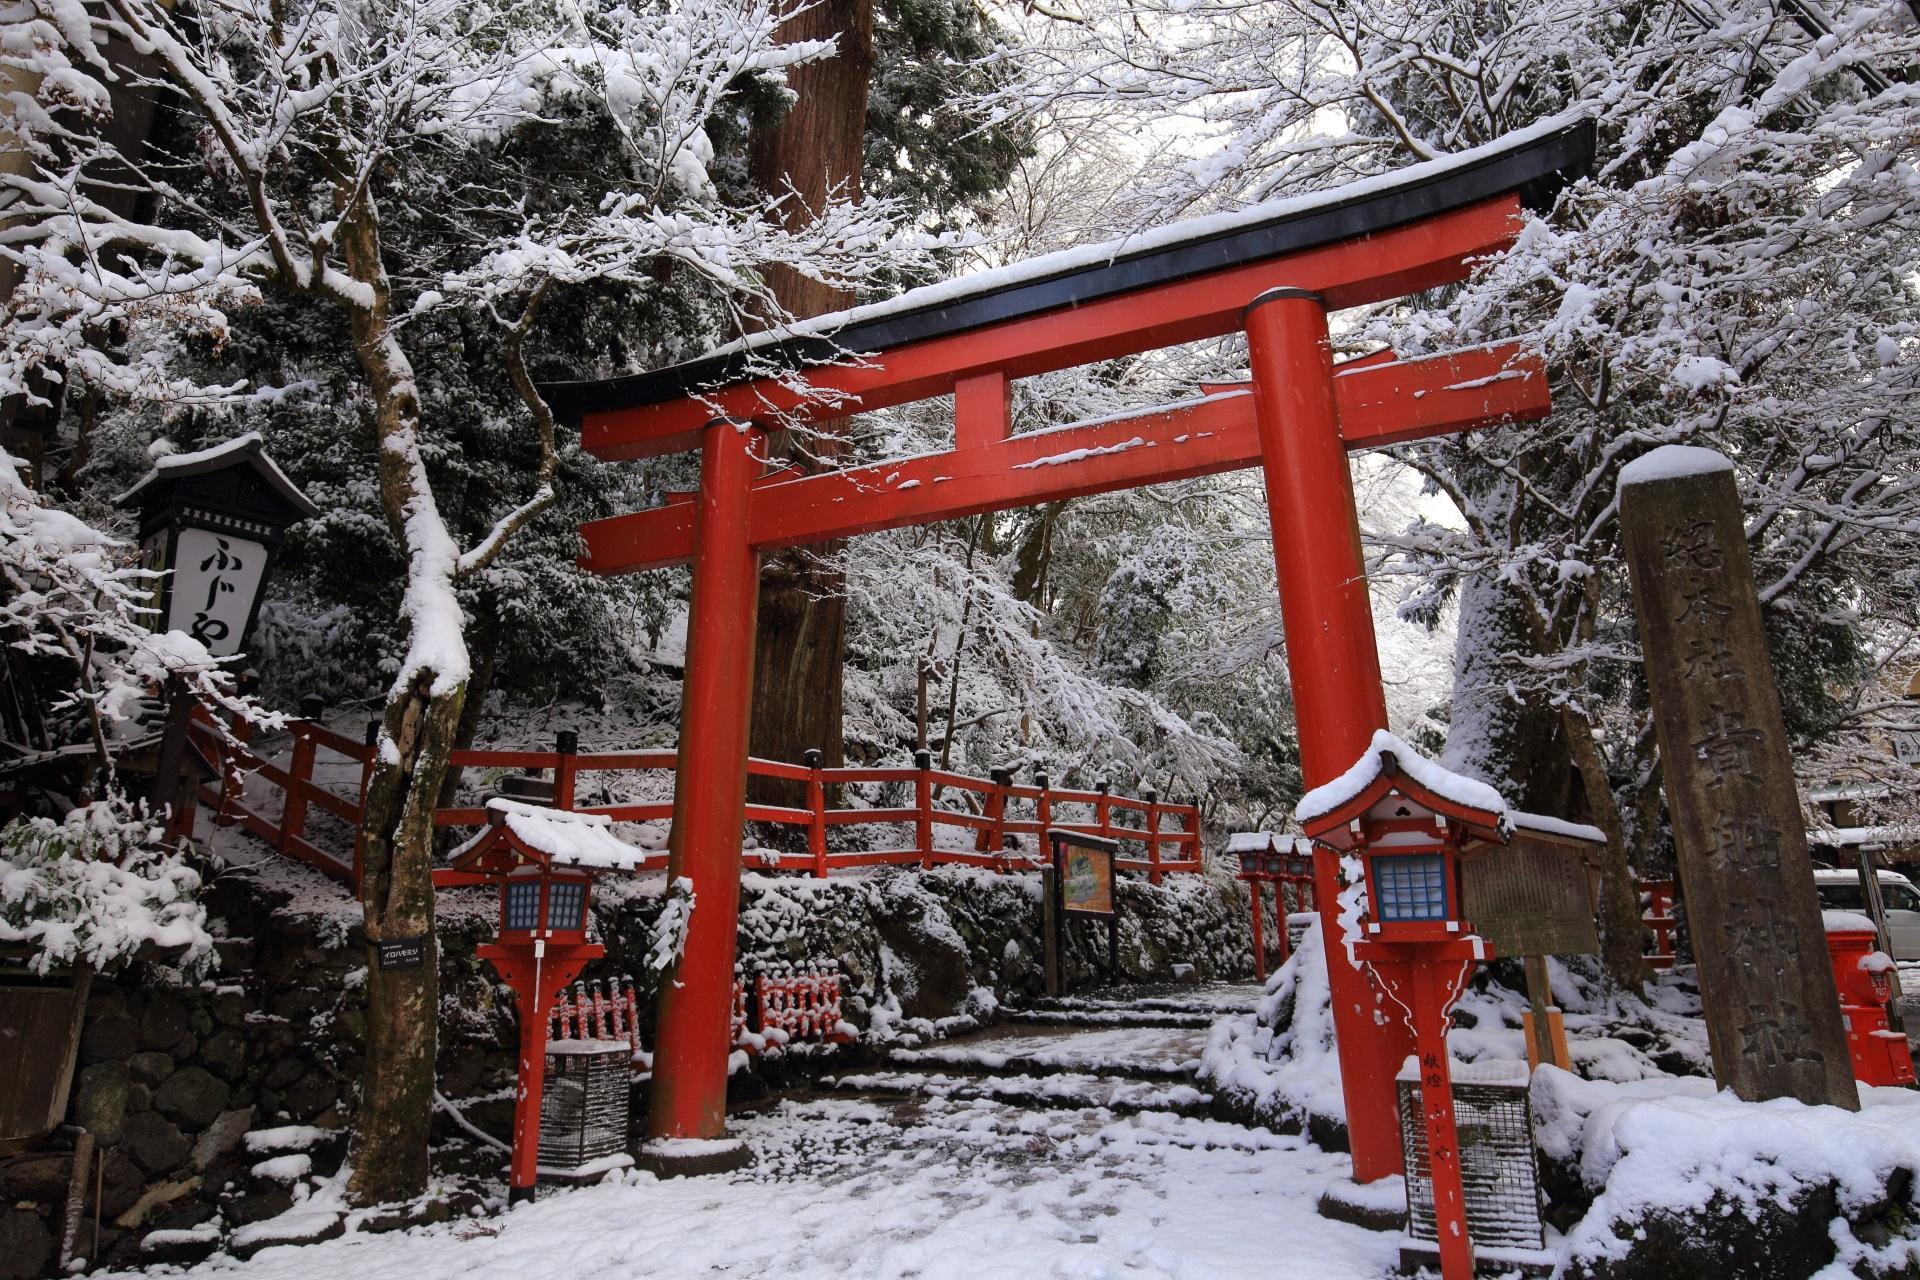 貴船神社の鳥居と雪景色